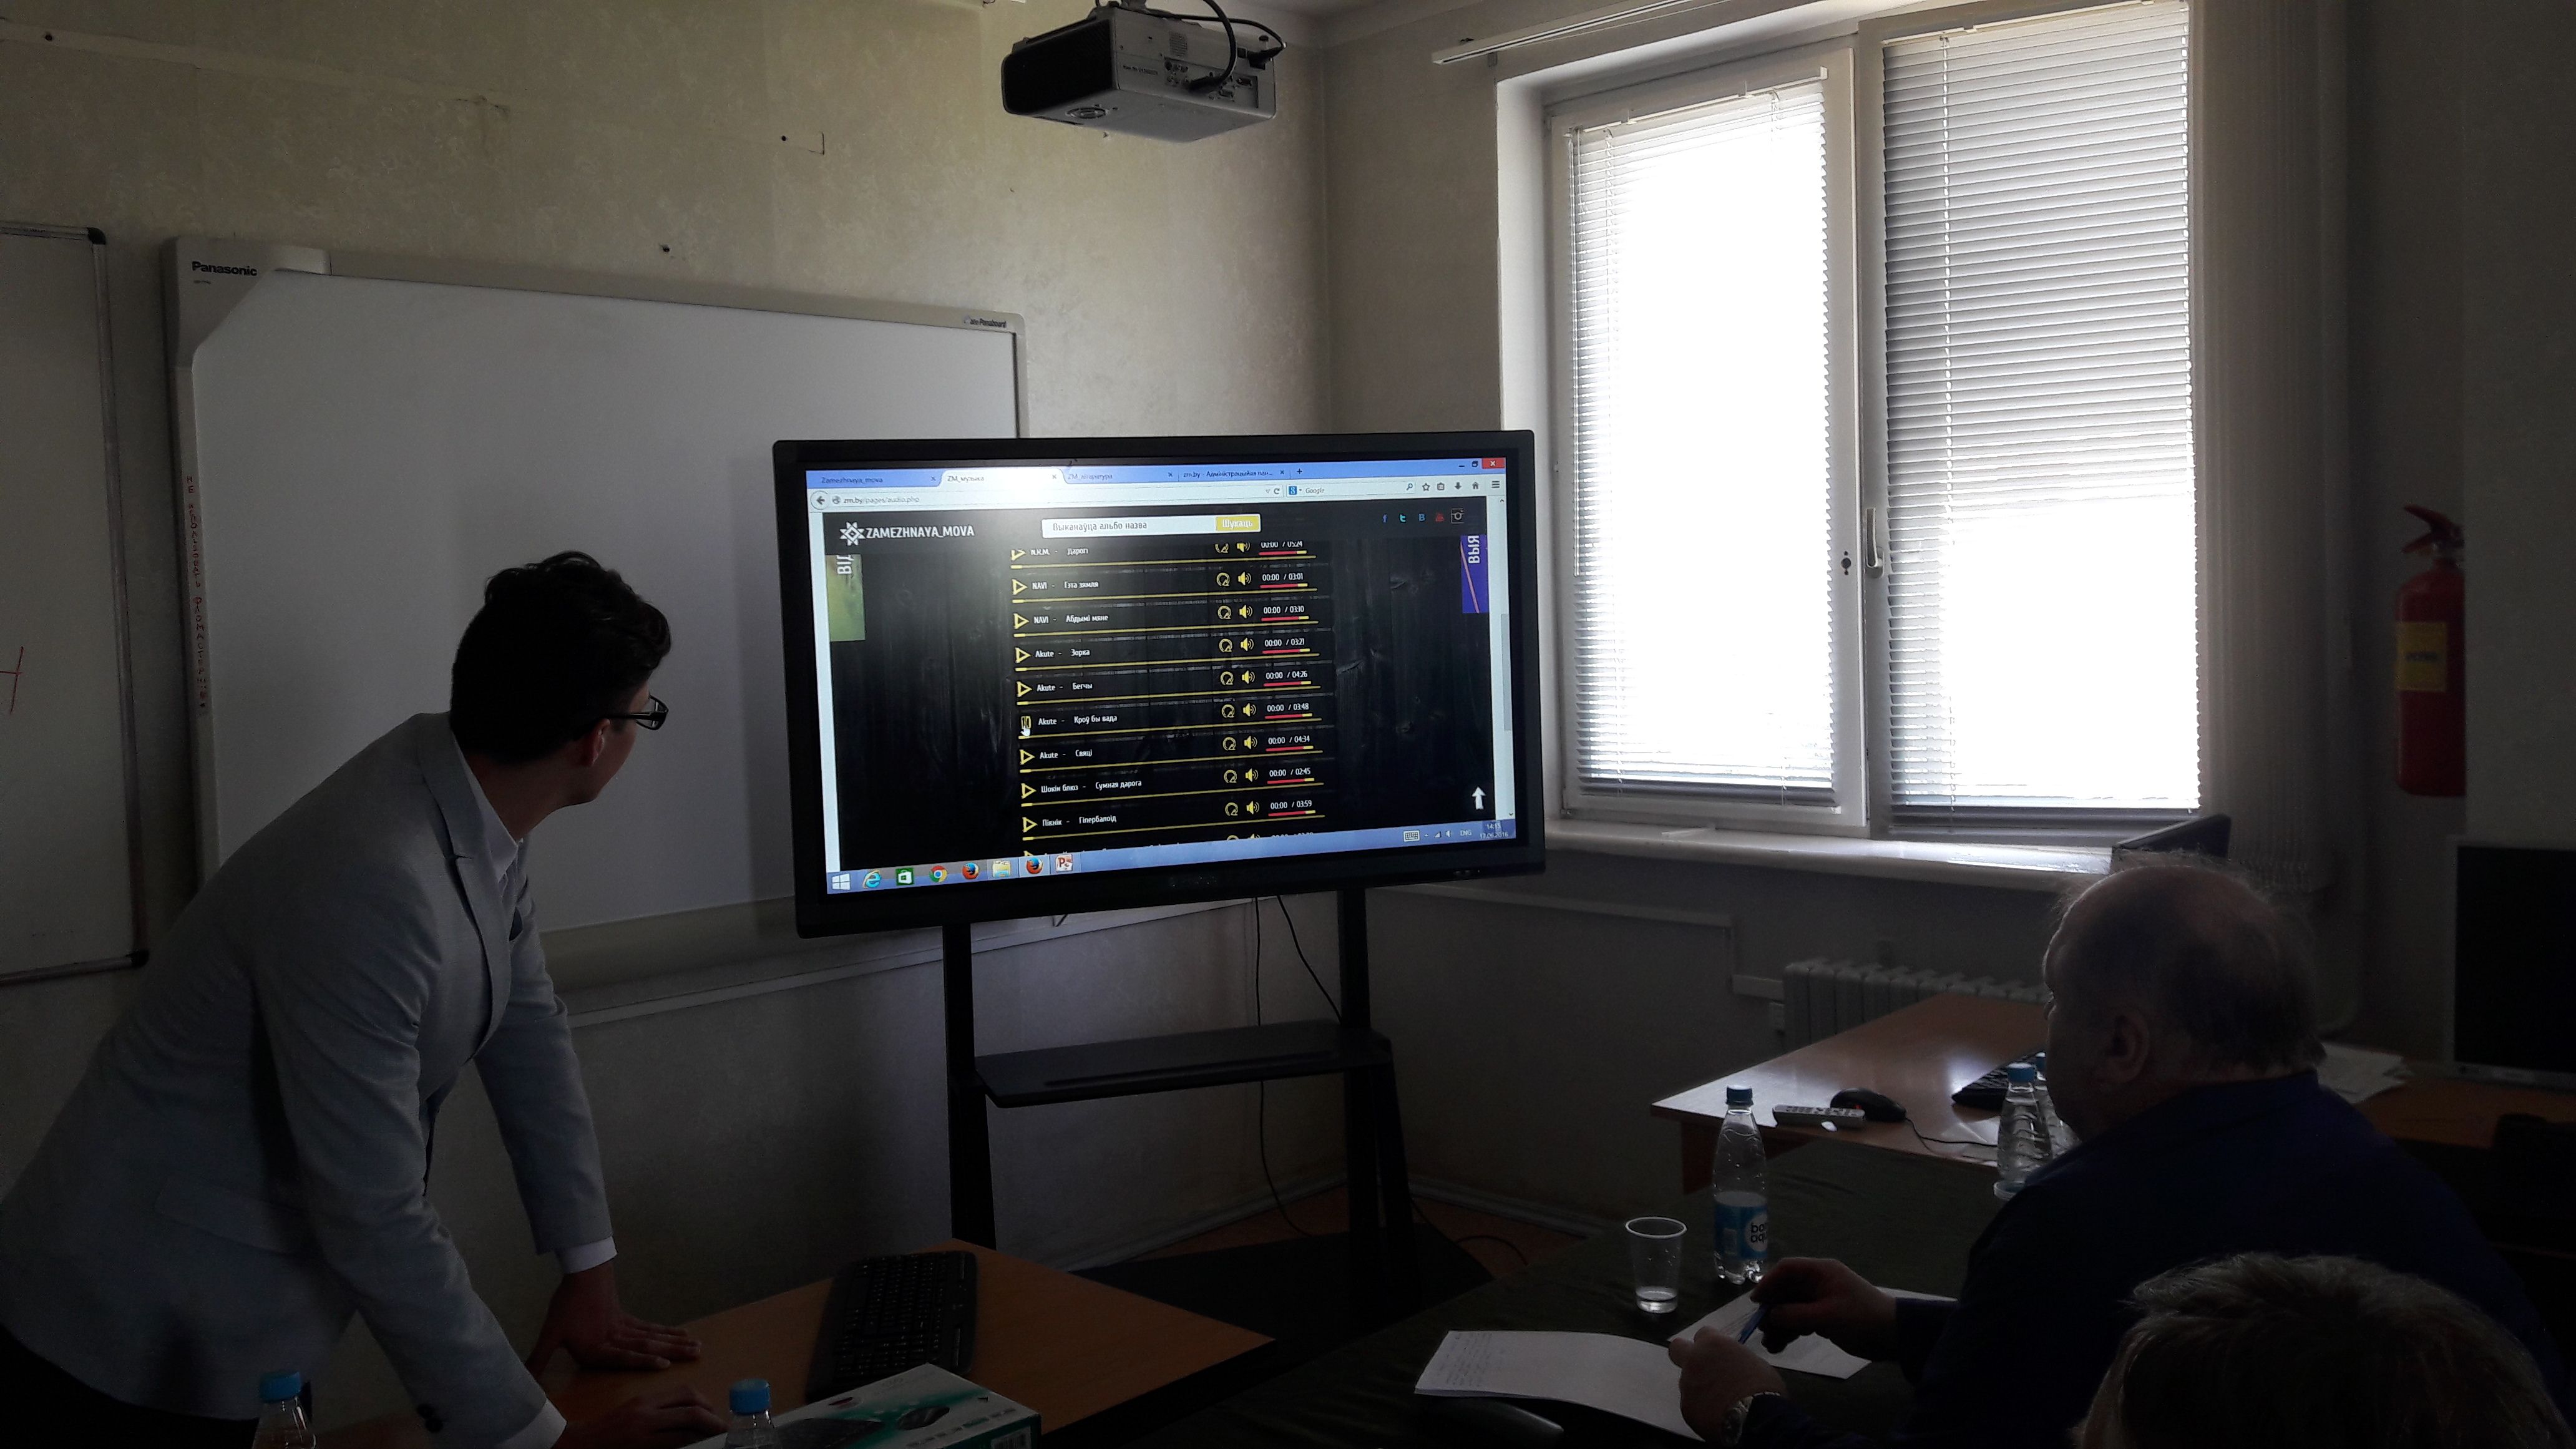 Представление дипломных проектов слушателей специальности Веб   в Институте информационных технологий БГУИР прошла защита дипломных проектов слушателей по специальности Веб дизайн и компьютерная графика